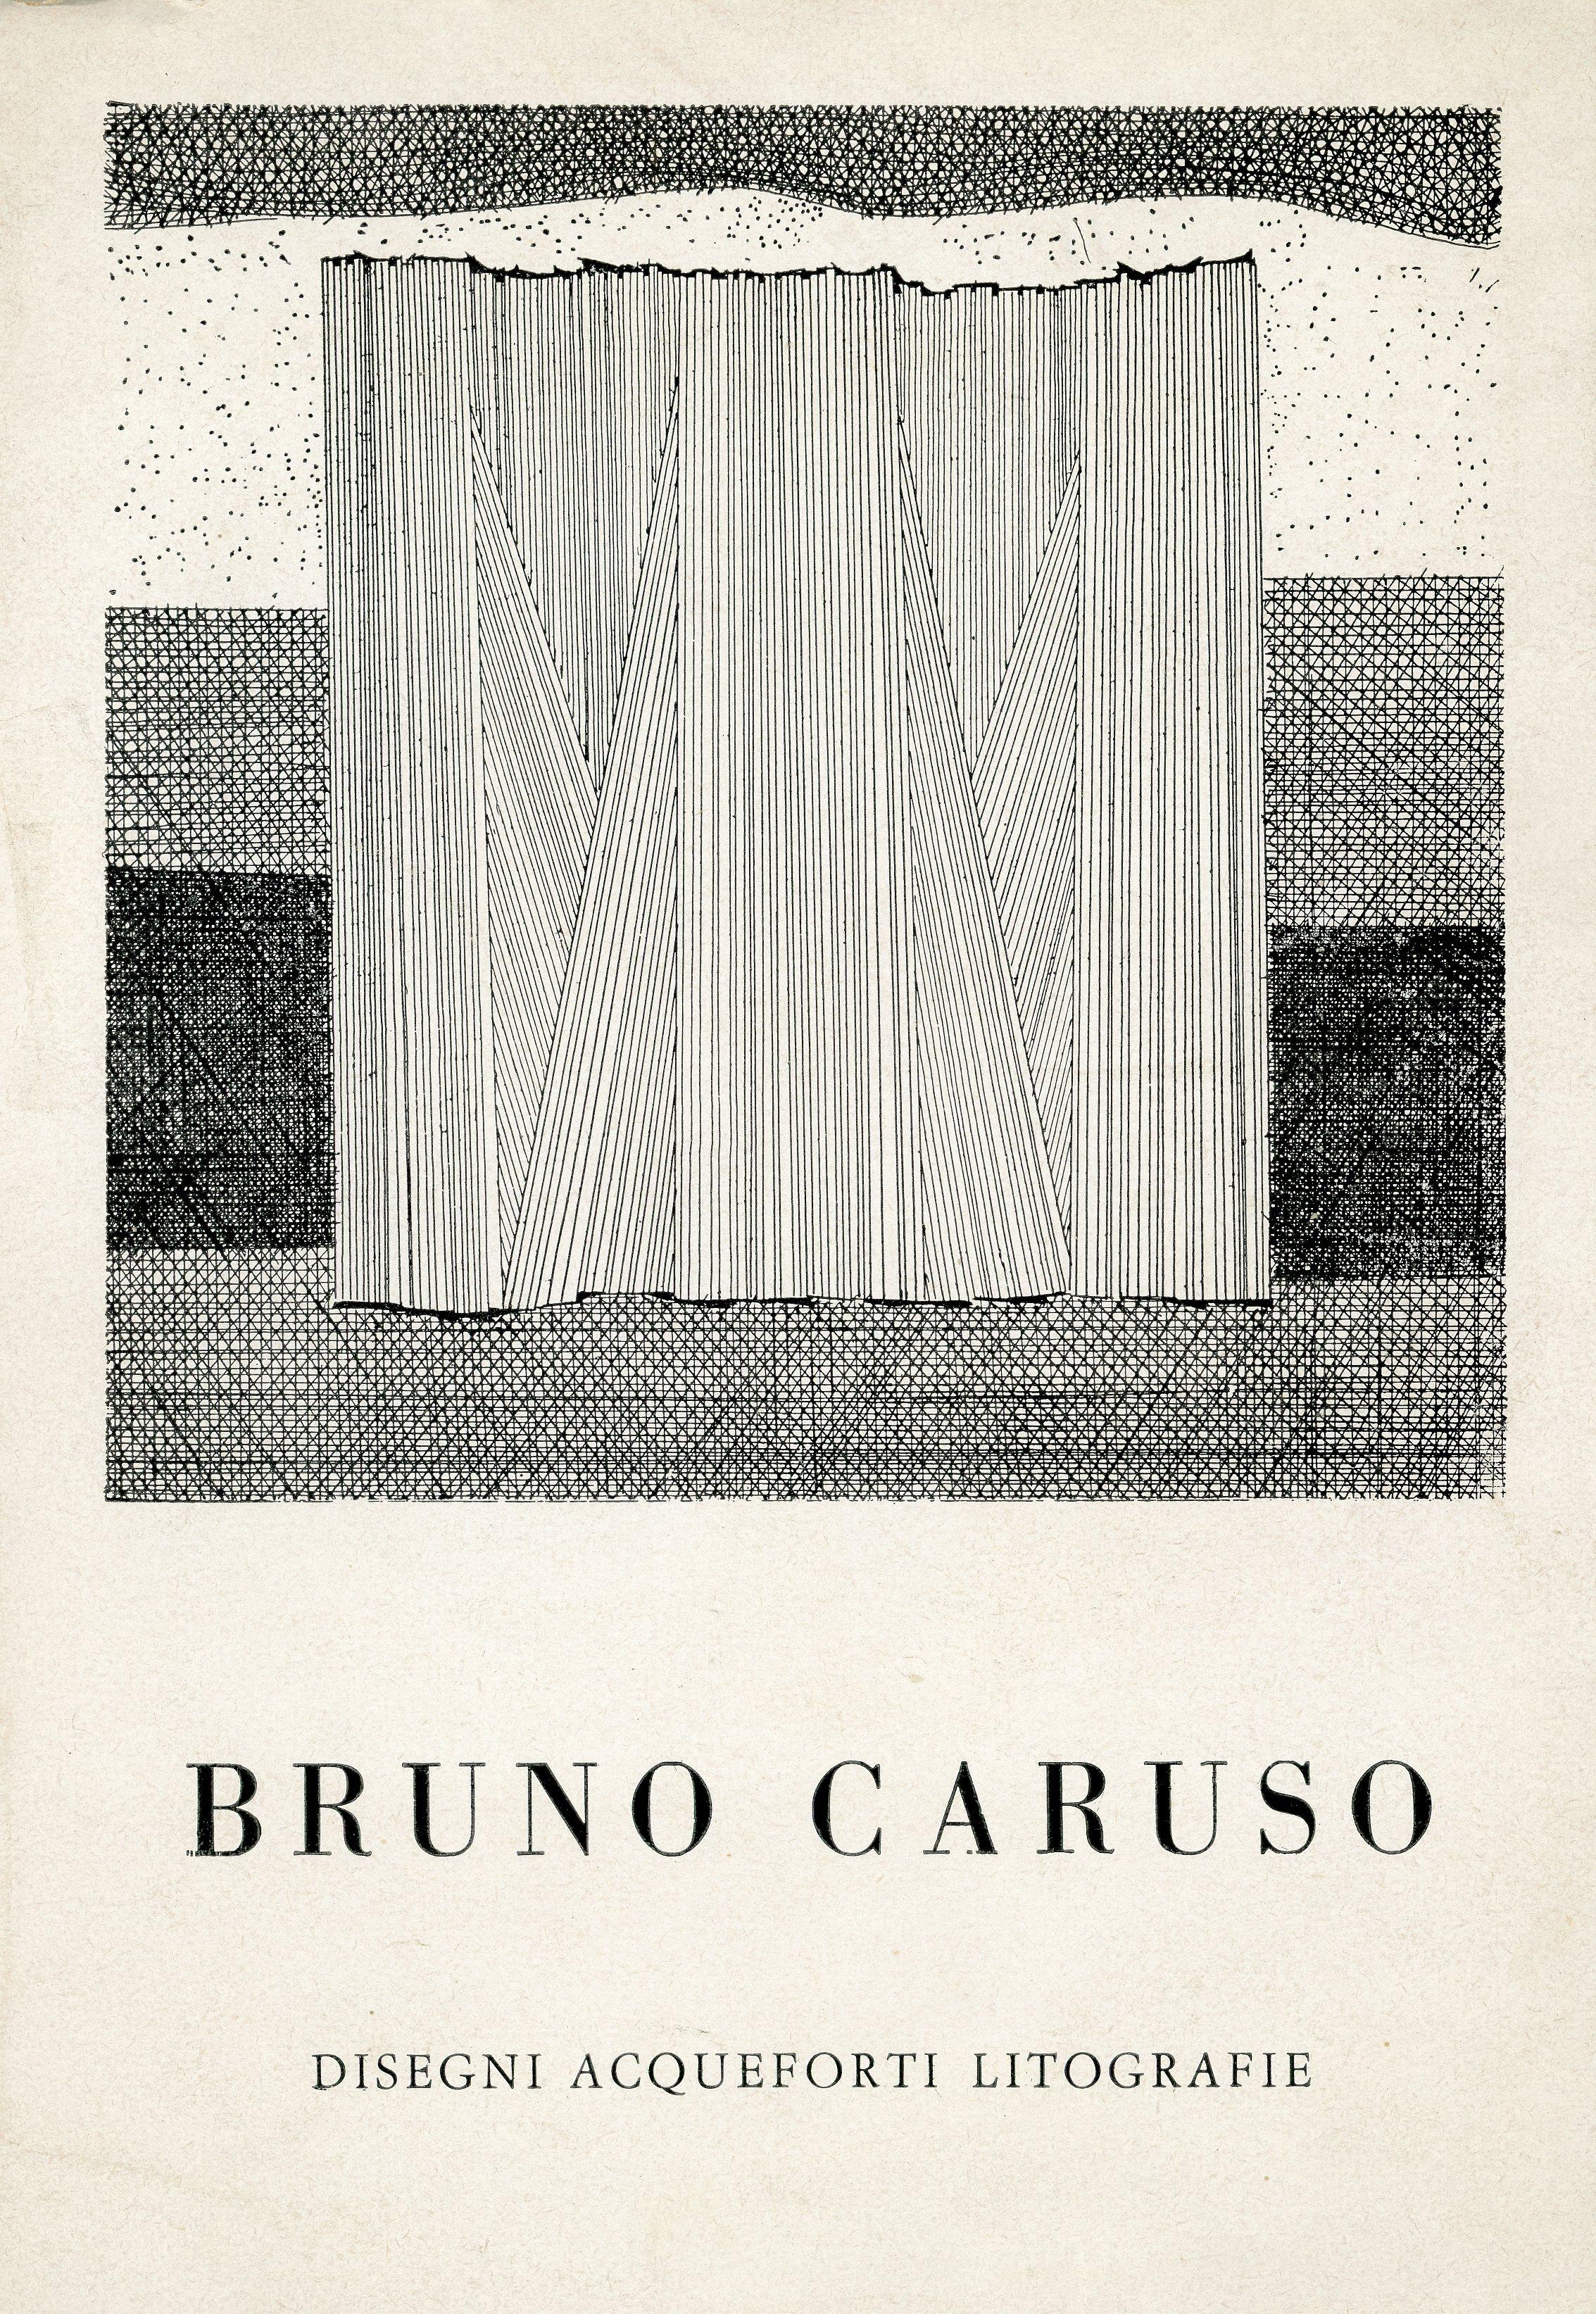 1961-04 Il Torcoliere - Bruno Caruso_01.jpg